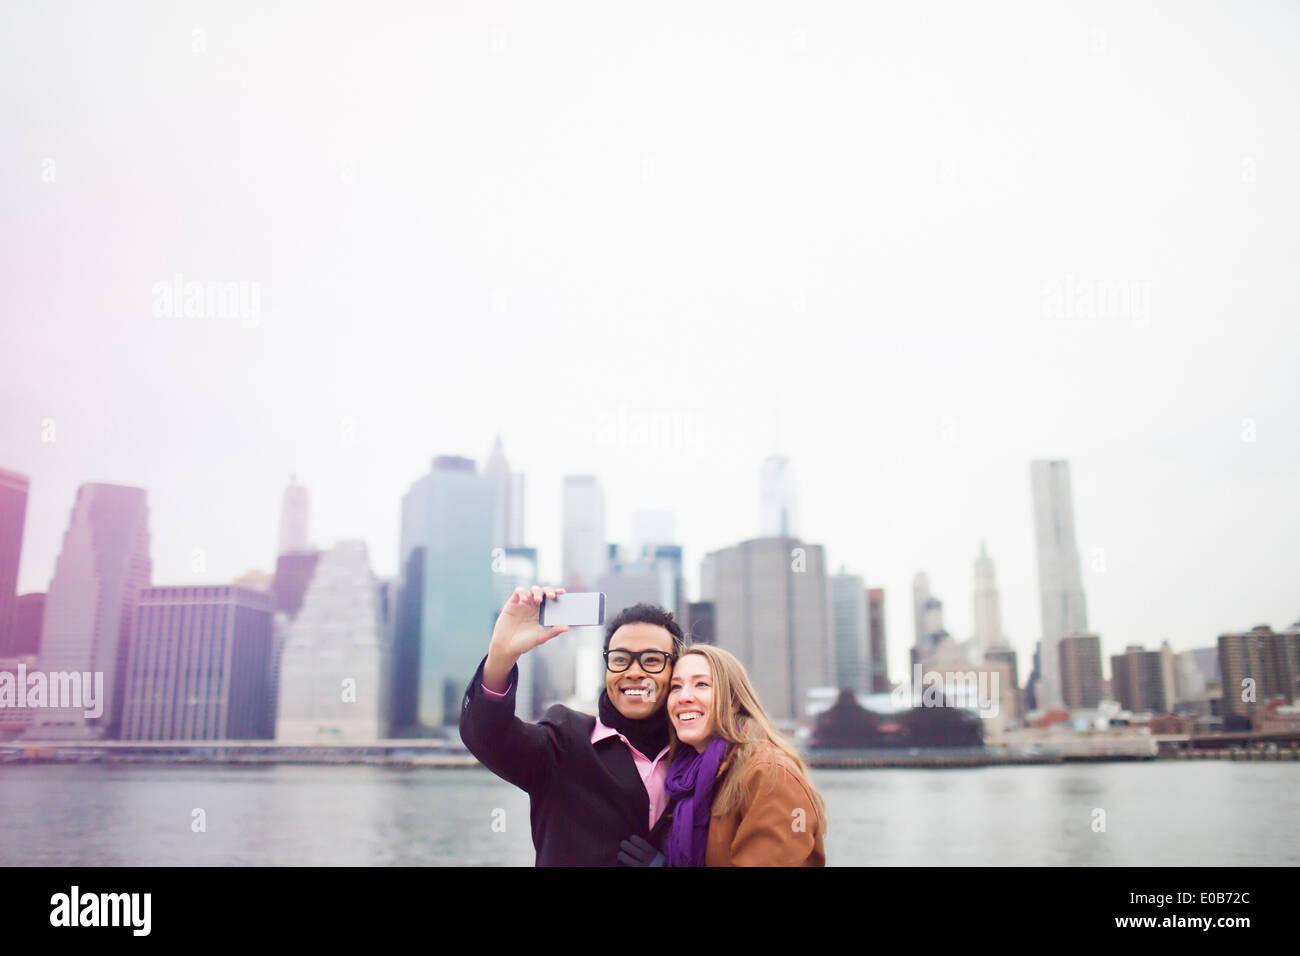 Coppia giovane tenendo selfie con lo skyline di Manhattan, New York, Stati Uniti d'America Immagini Stock